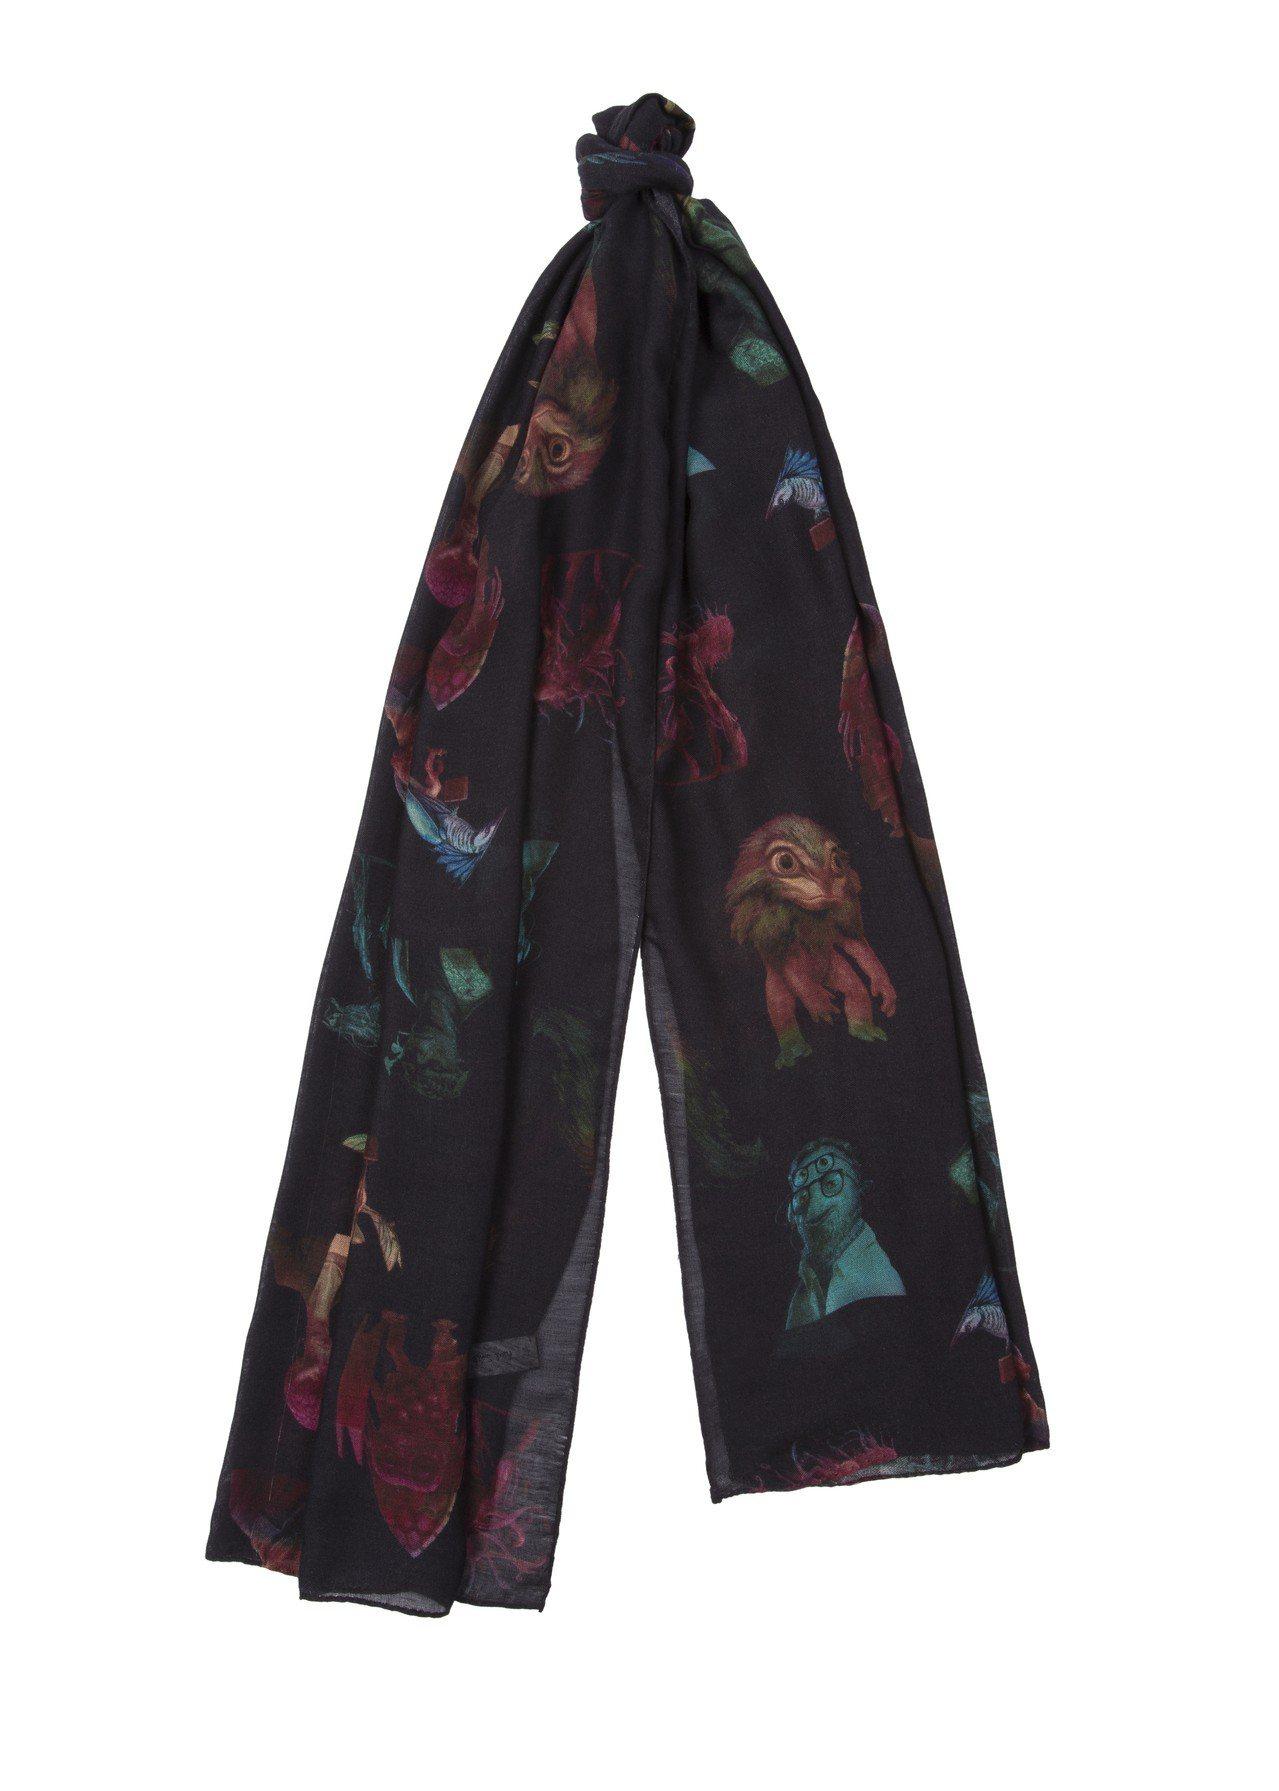 《MIB星際戰警™:跨國行動》限量膠囊系列外星人薄圍巾,6,300元。圖/Pau...